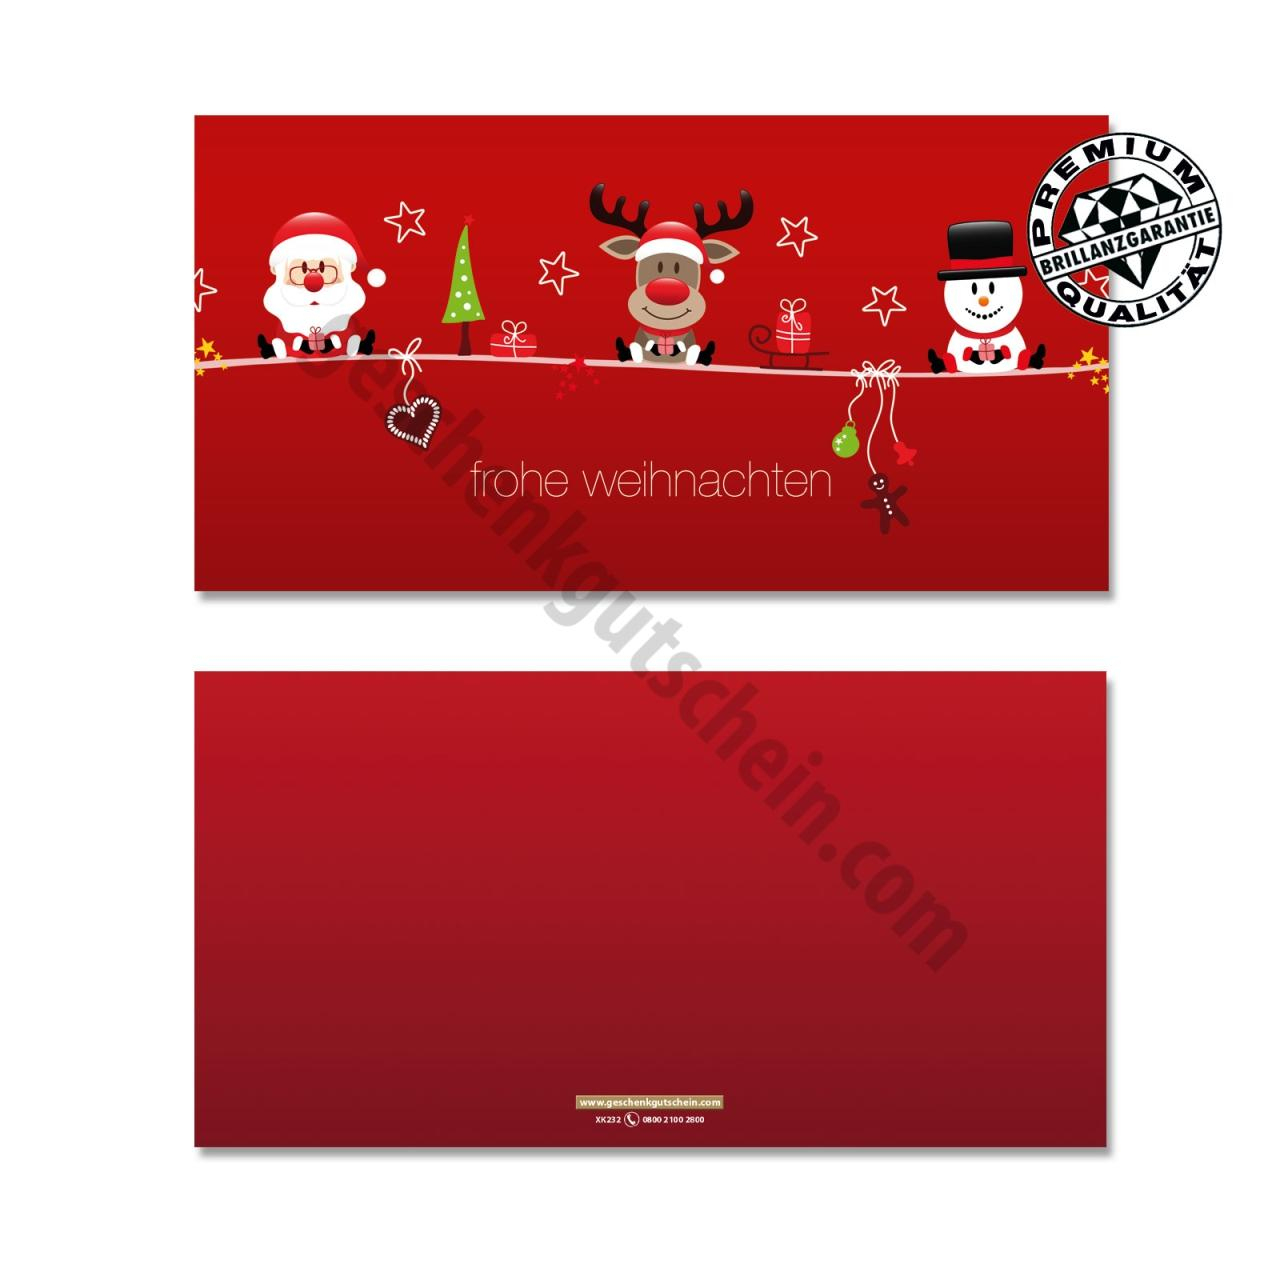 Weihnachtskarten | Weihnachten | Xk232 in Weihnachtskarte Drucken